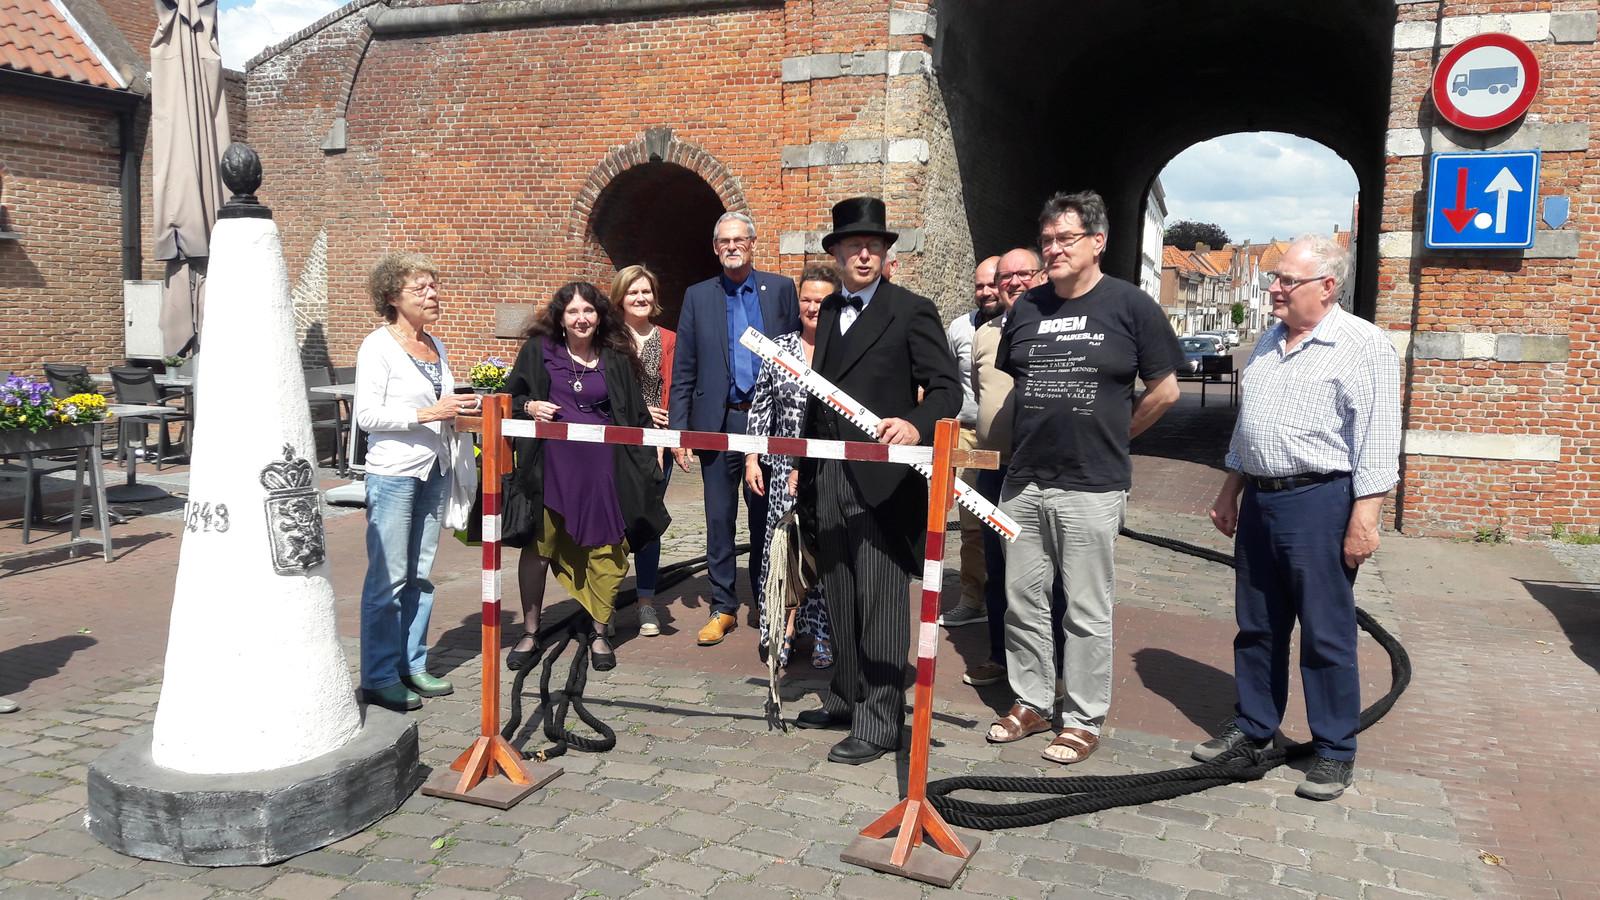 'Aart Noevoo' van Ferini Theater zorgde voor een act bij de bekendmaking van het programma van Kunstenfestival Aardenburg. Om de kunst 'te meten' en de grens naar België symbolisch over te steken.